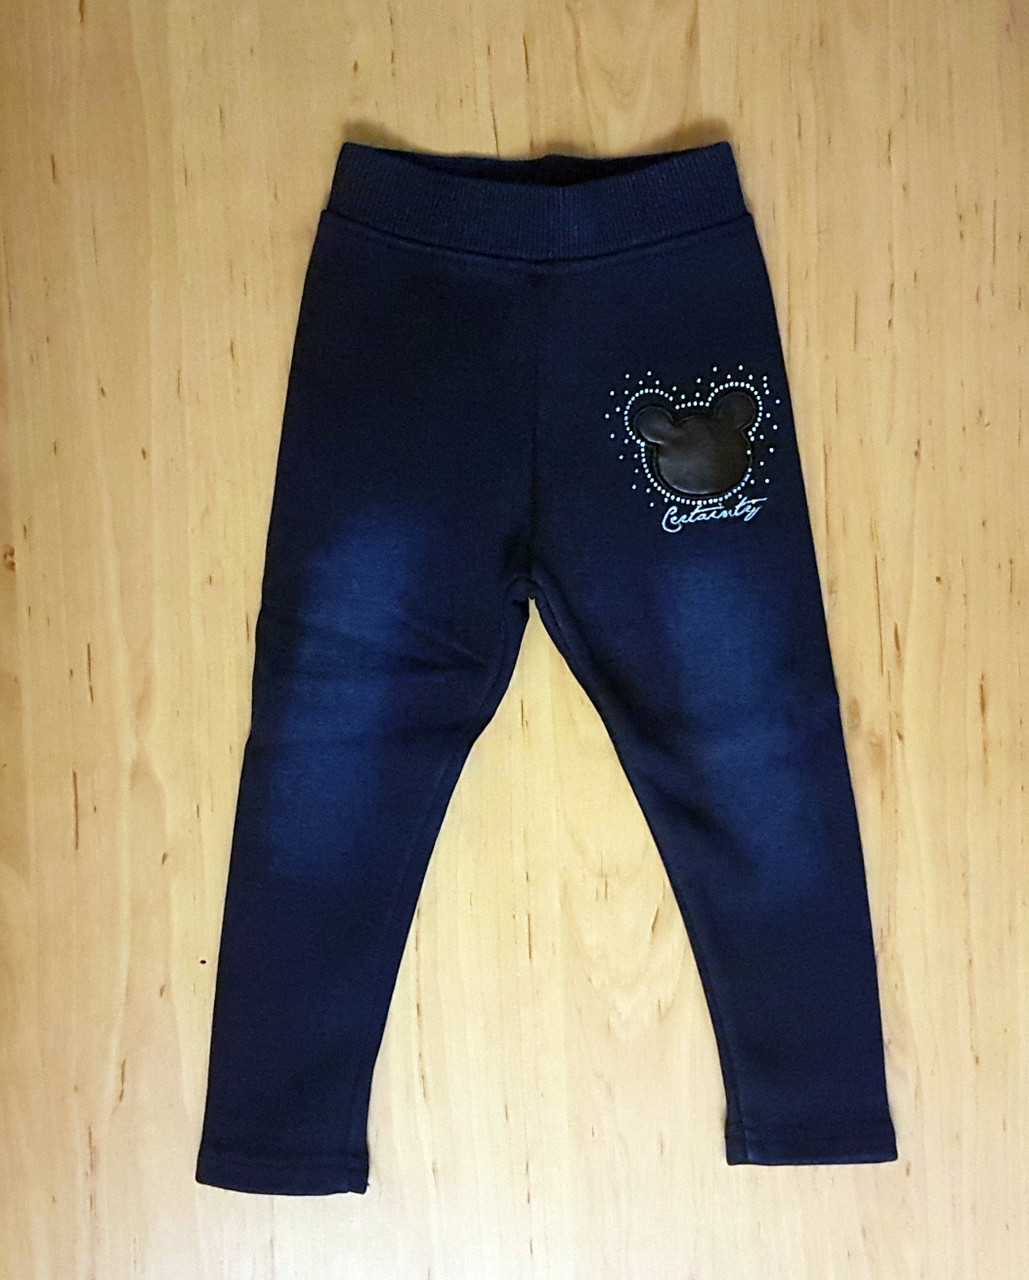 Теплые лосины под джинс для девочки - Интернет магазин